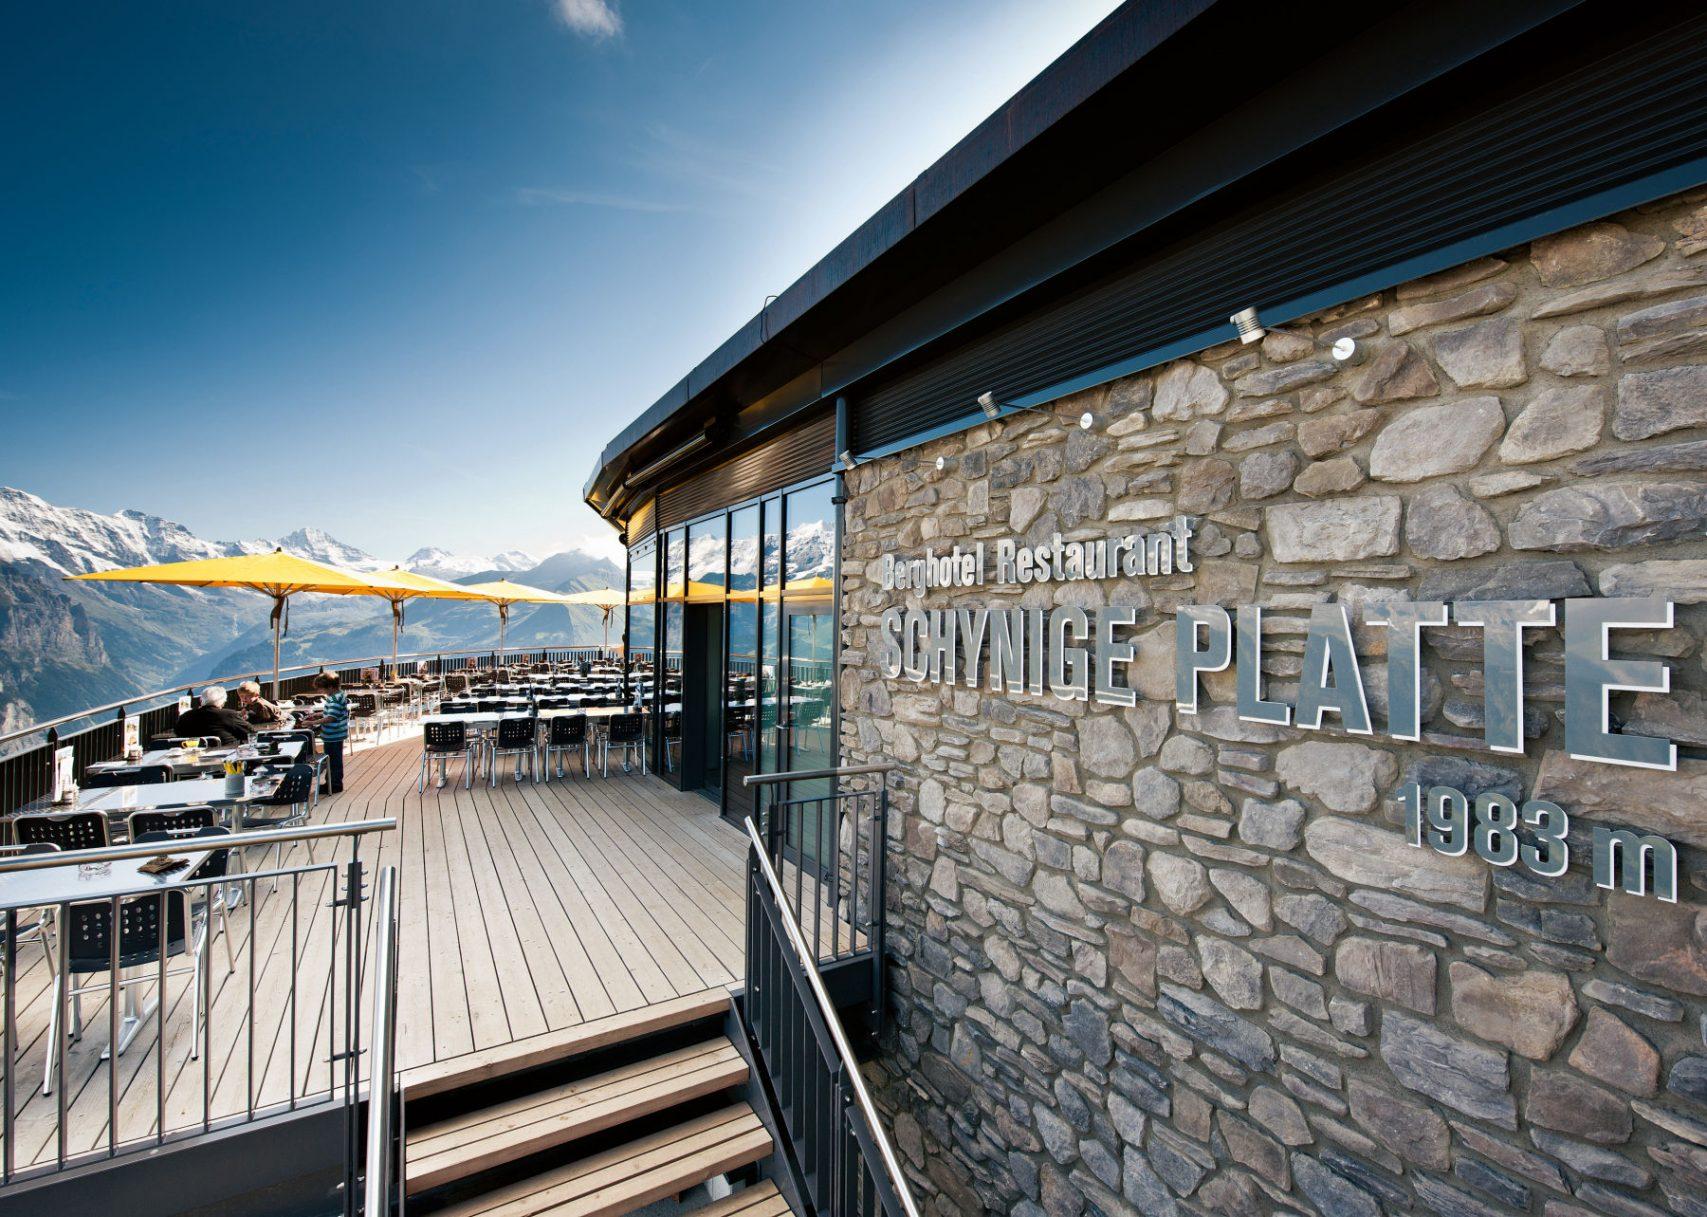 bergrestaurant-schynige-platte-terrasse-01 © Jungfraubahnen 2019